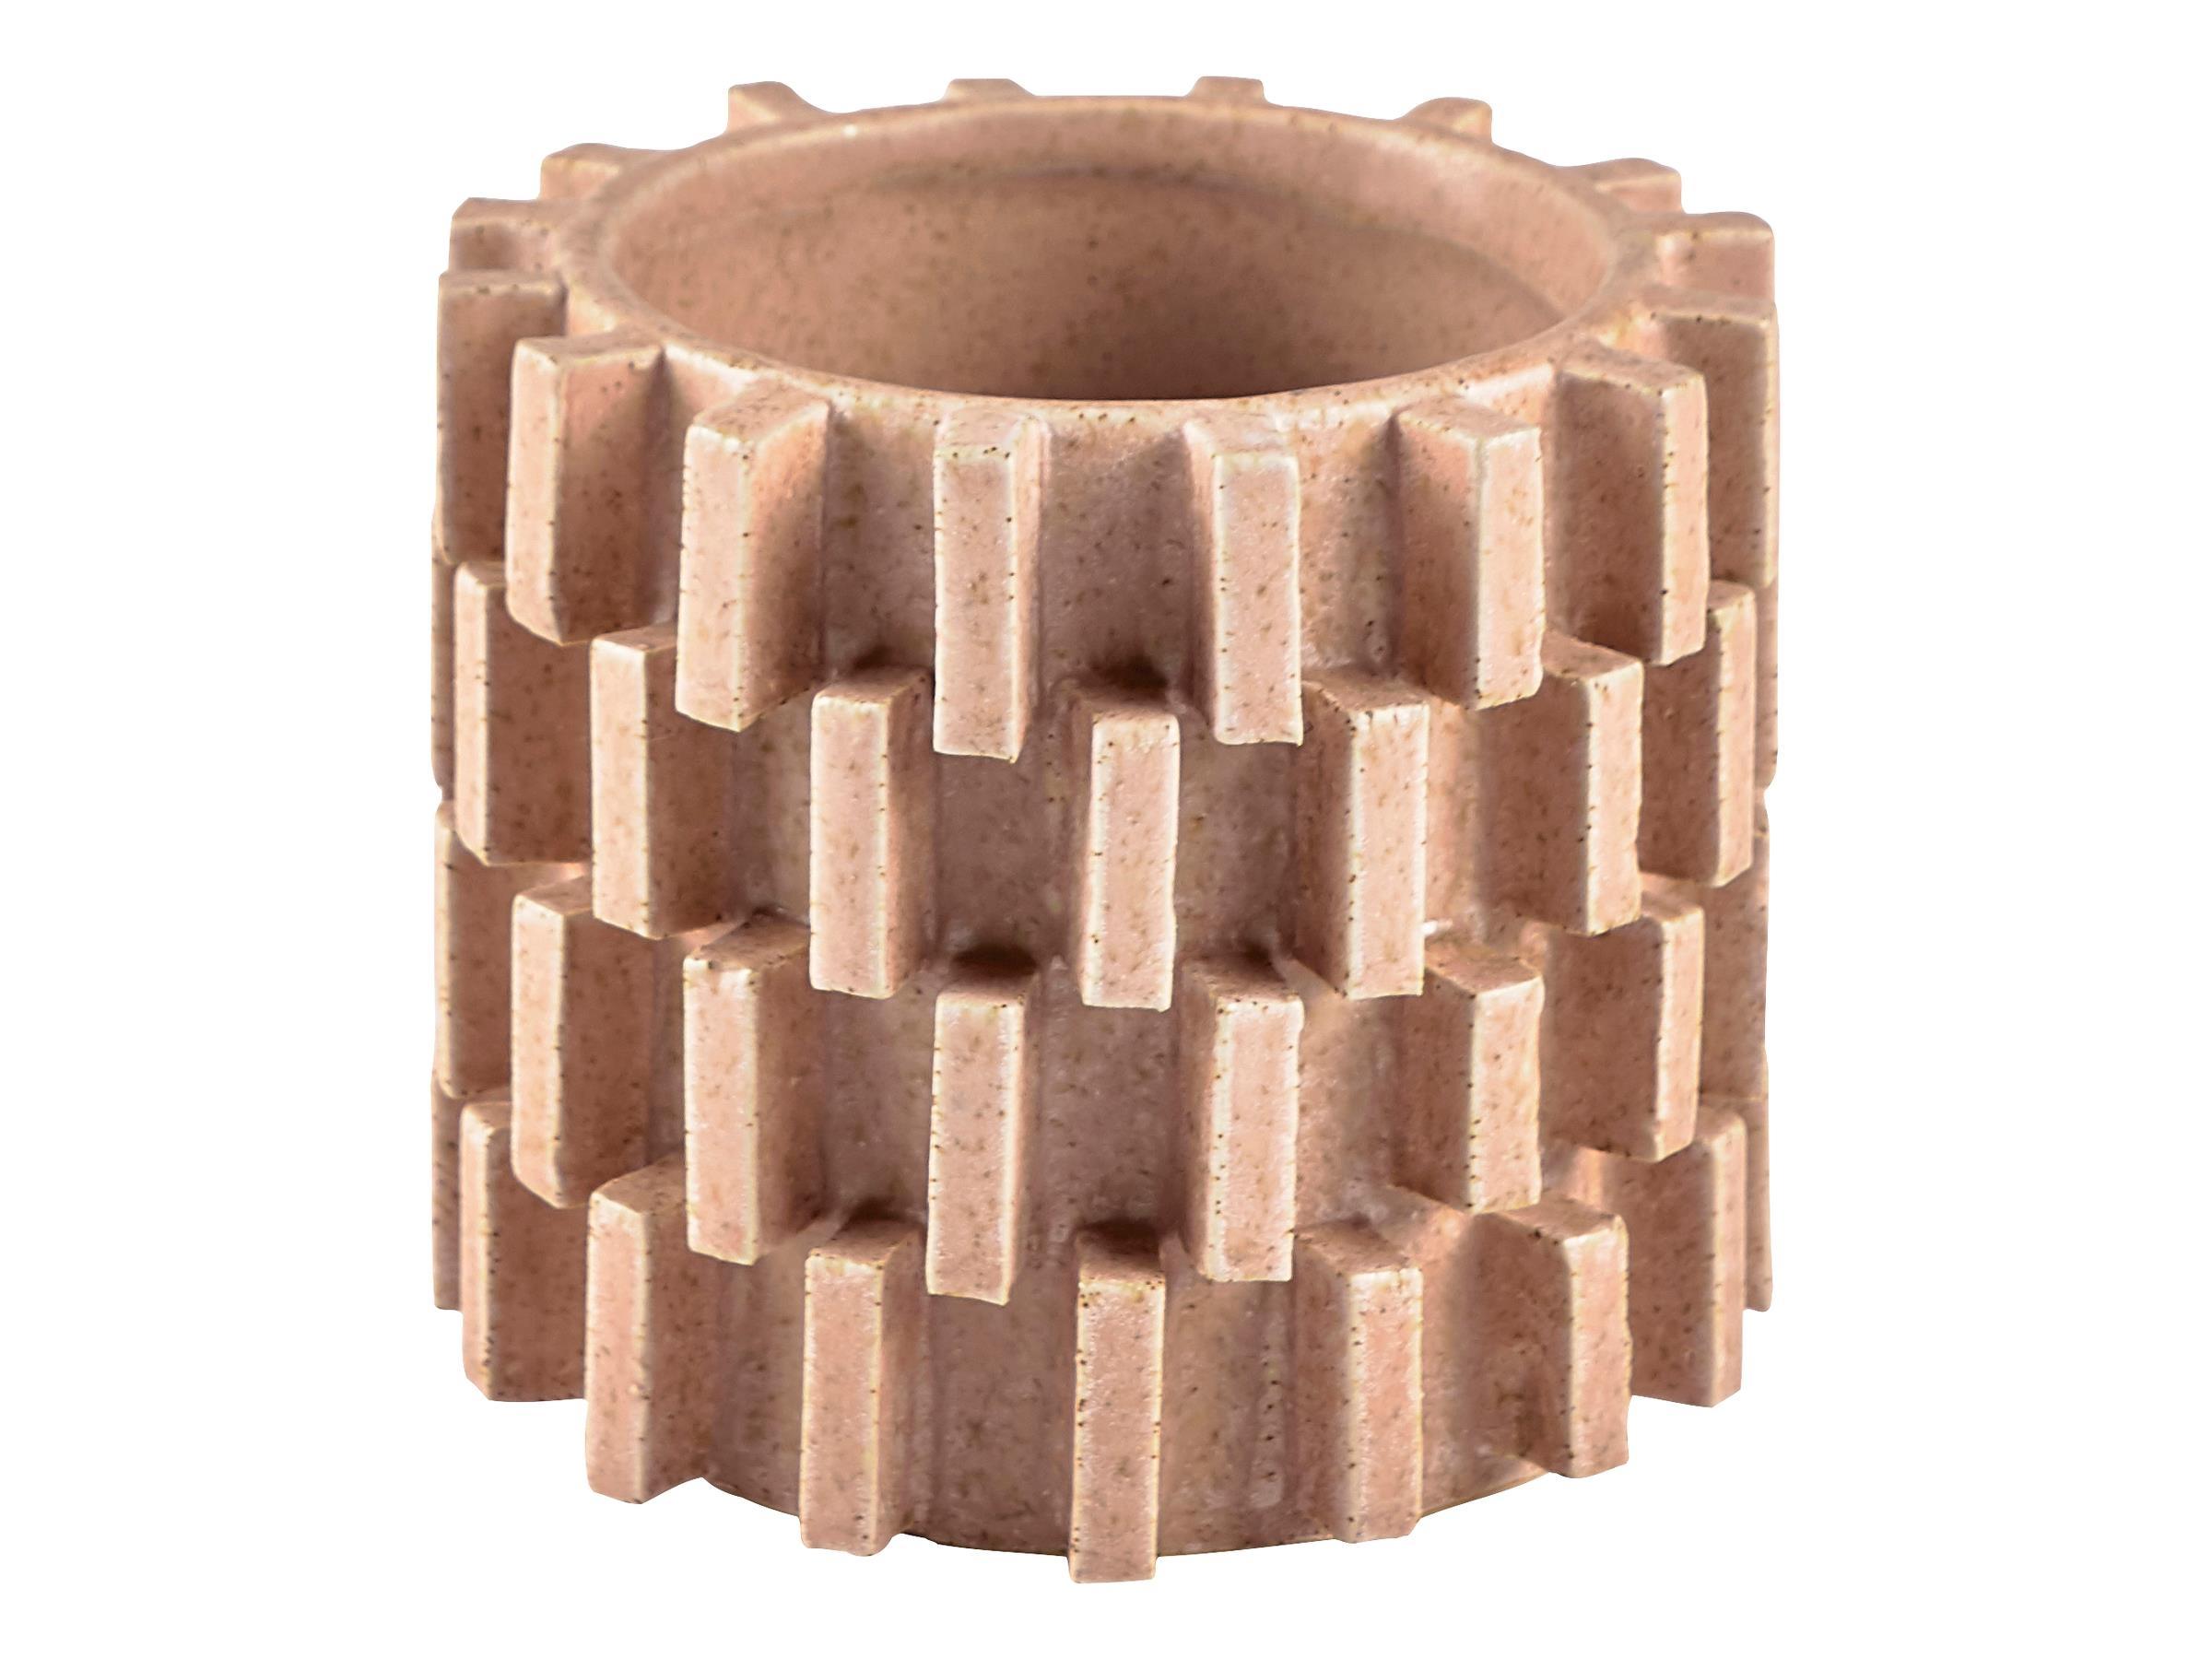 Vaza decorativa din ceramica Stone Small 12223 Natural, Ø12,5xH10,8 cm, Villa Collection